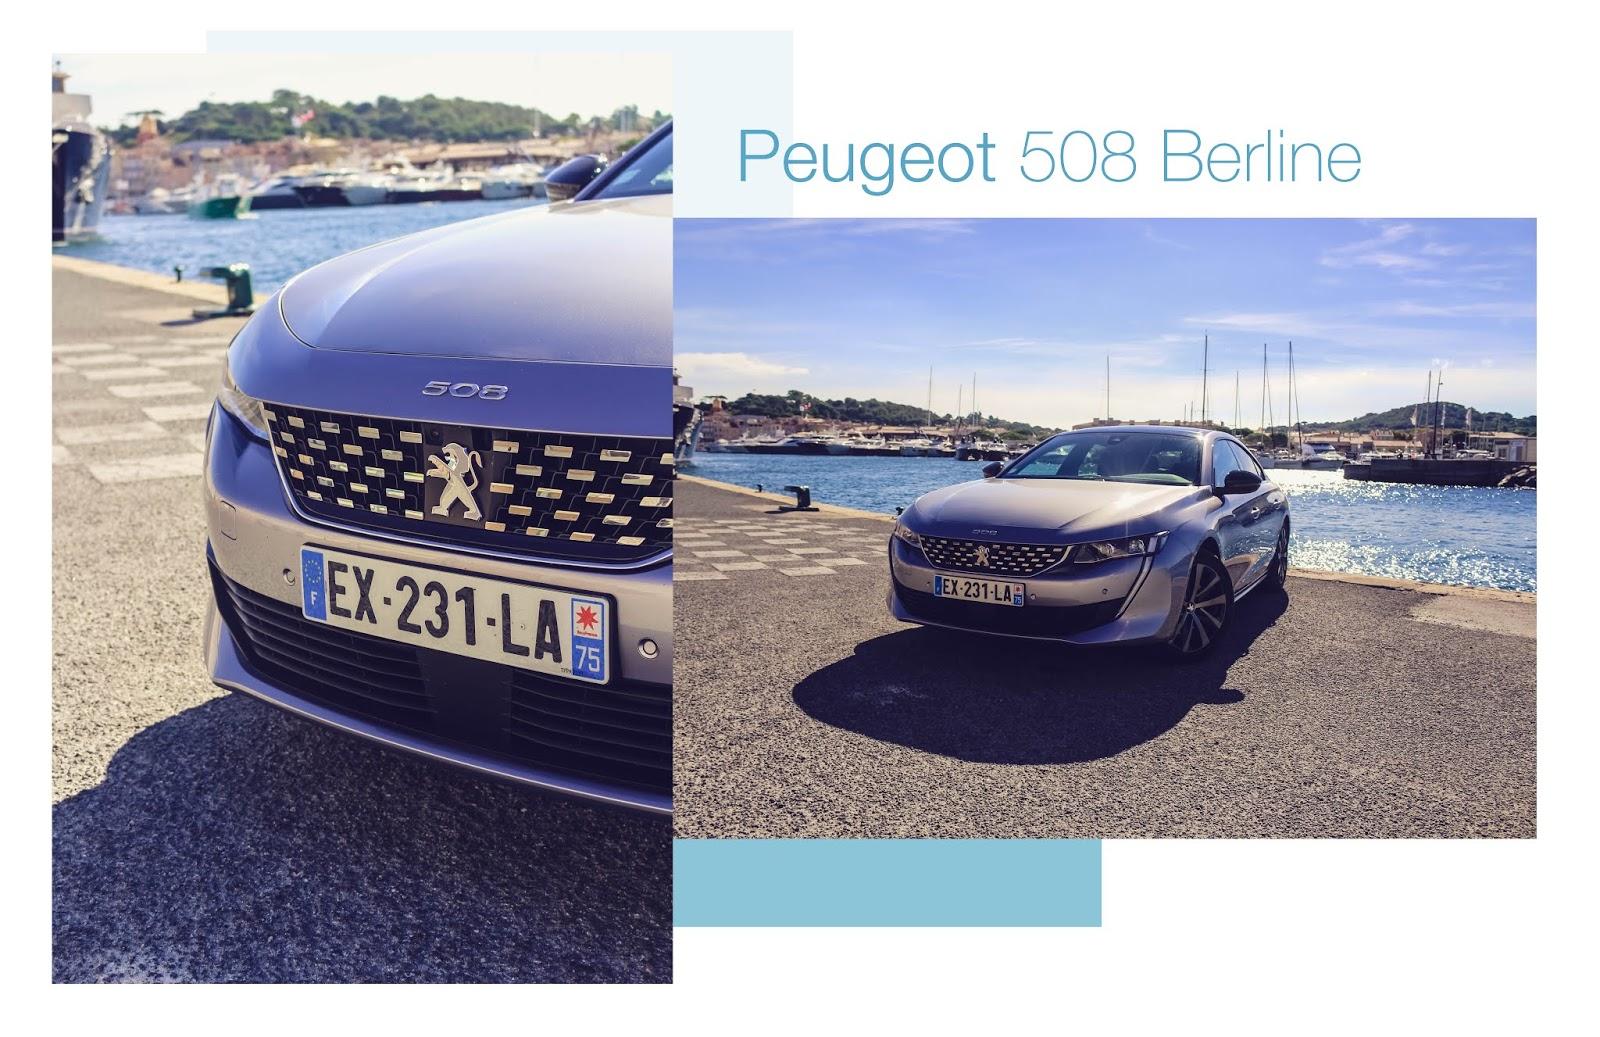 Peugeot 508 Berline